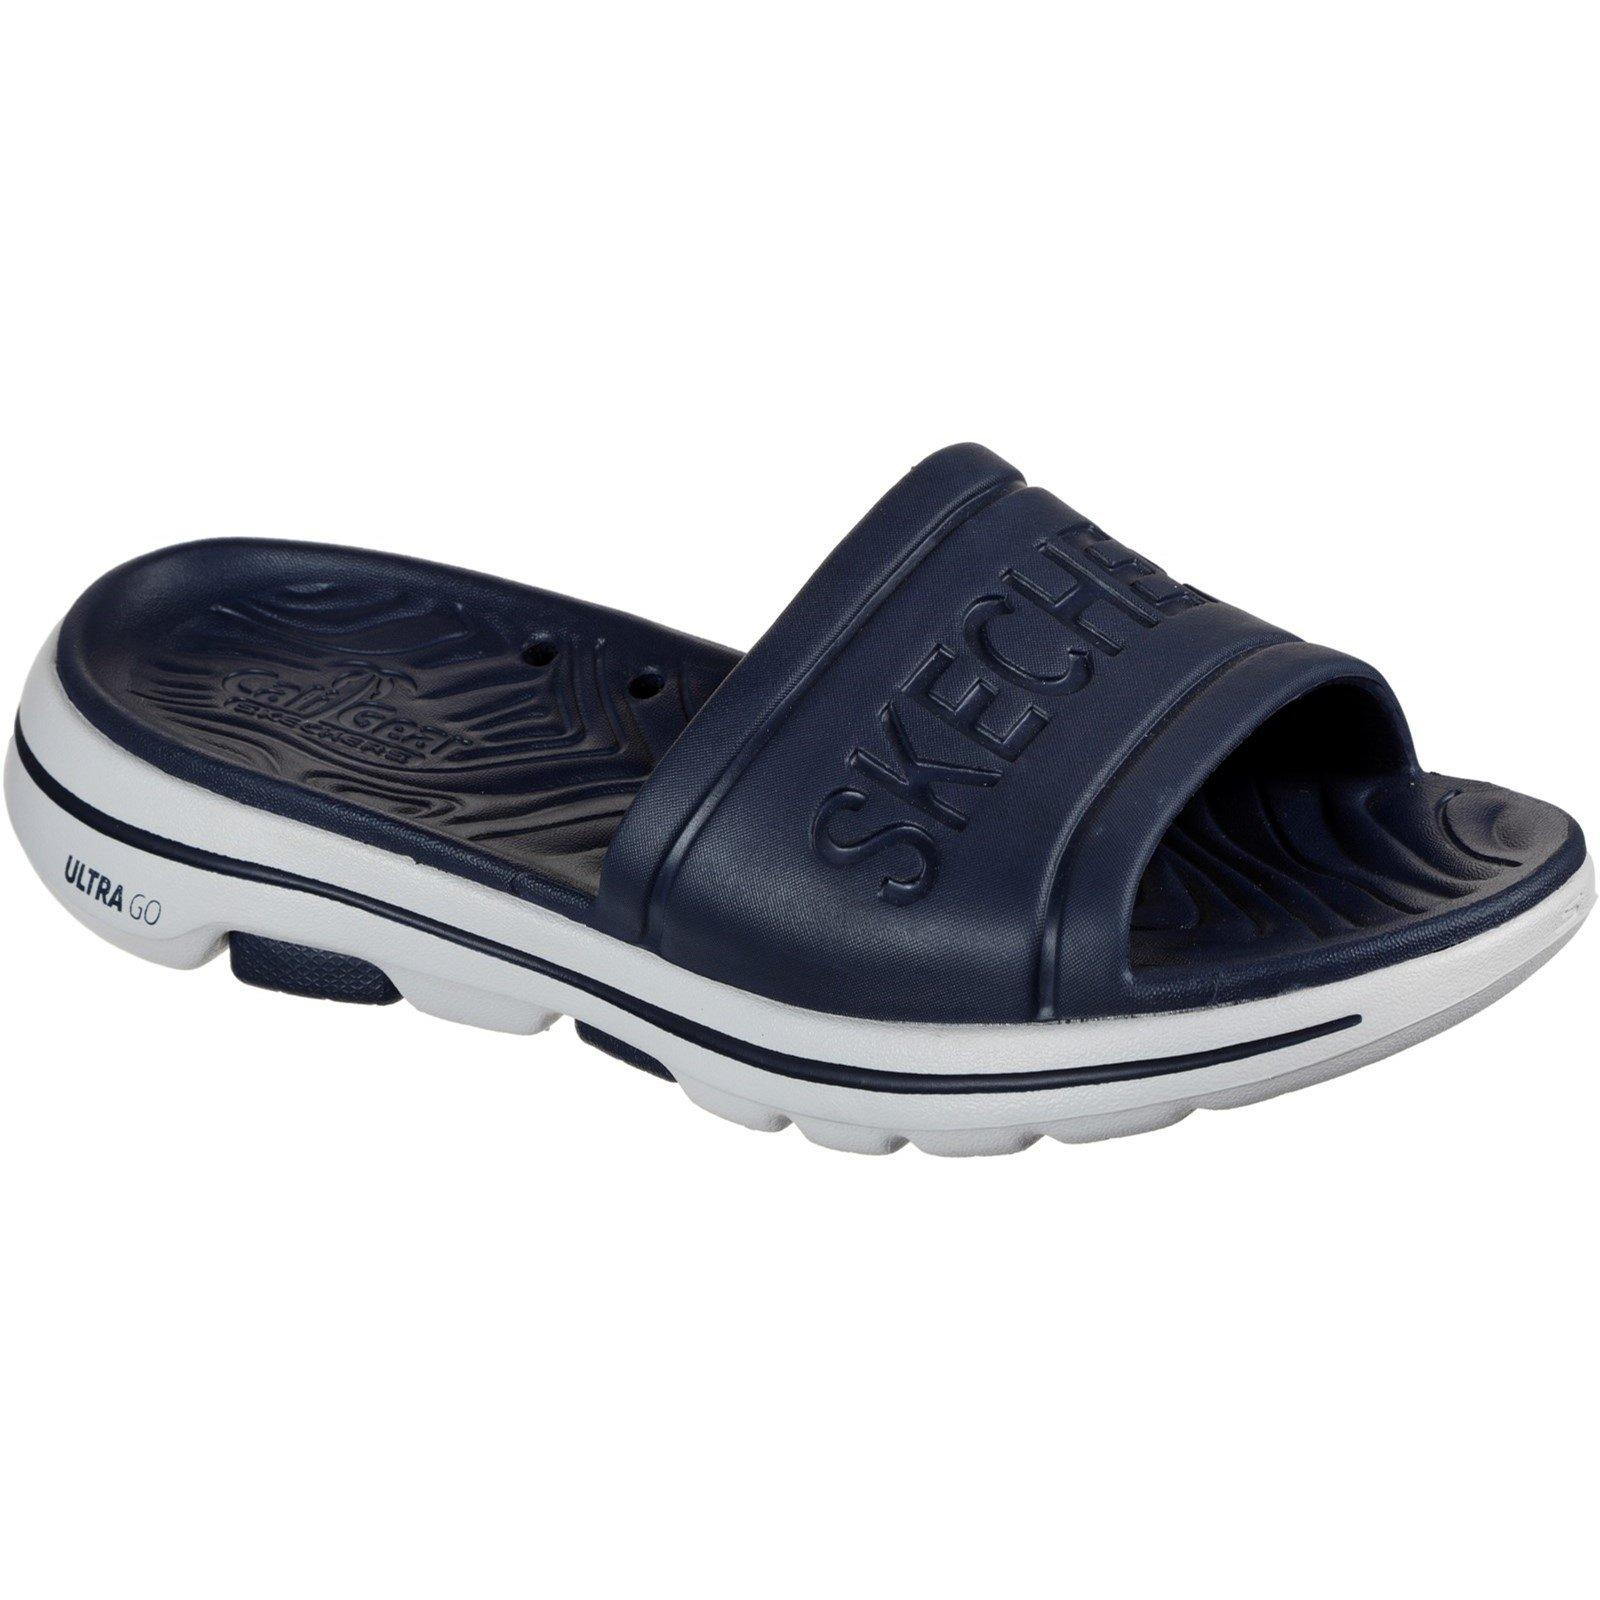 Skechers Men's Go Walk 5 Surfs Out Summer Sandal Various Colours 32207 - Navy 10